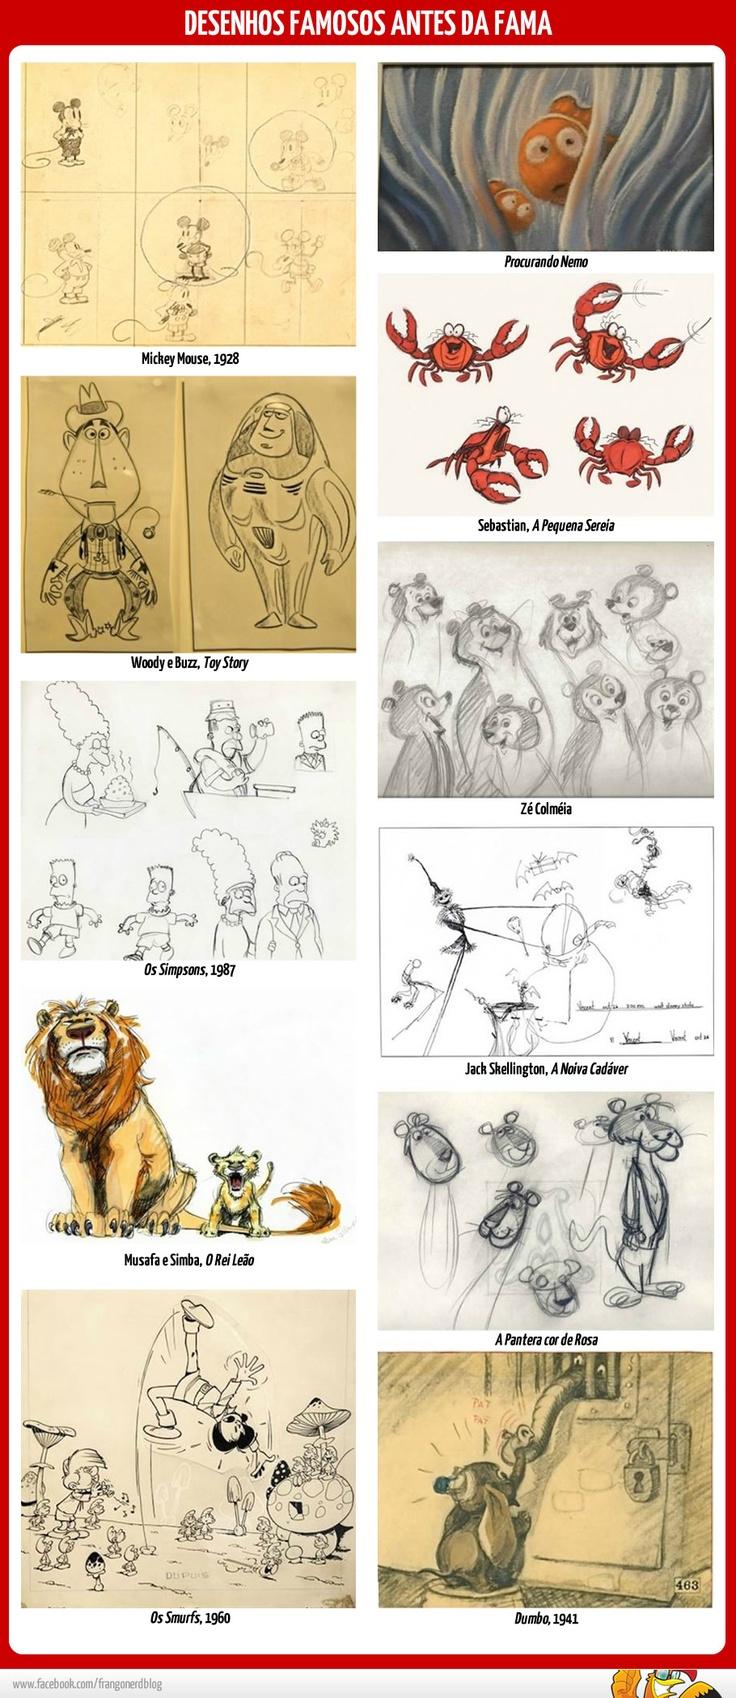 Desenhos famosos antes da fama